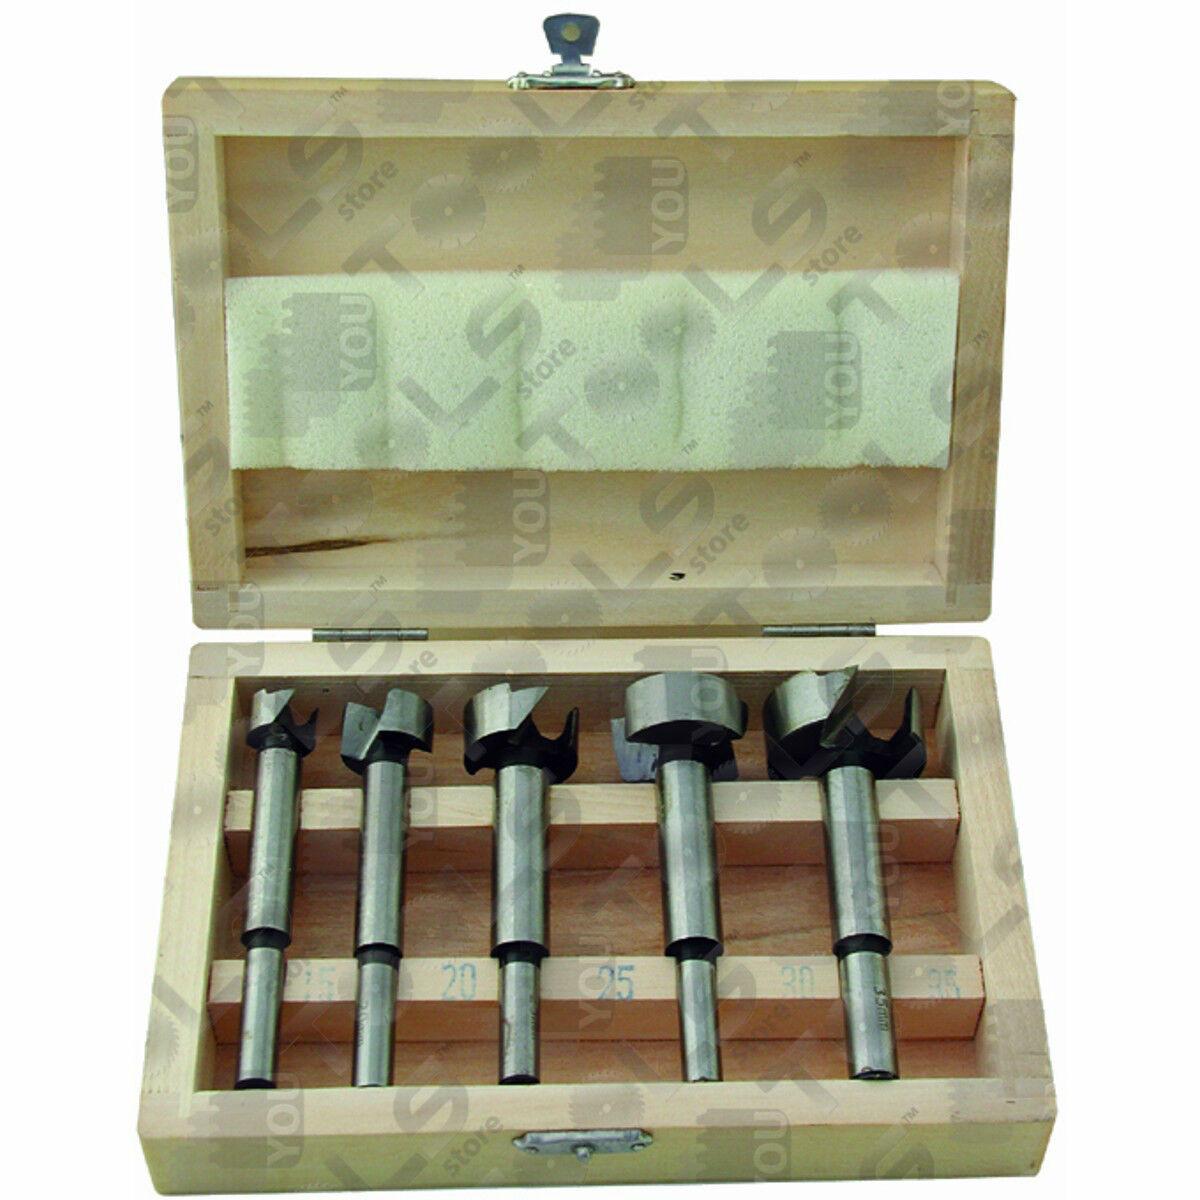 Set punte Forstner in scatola di legno - 5 diametri da Ø 15 mm a Ø 35 mm